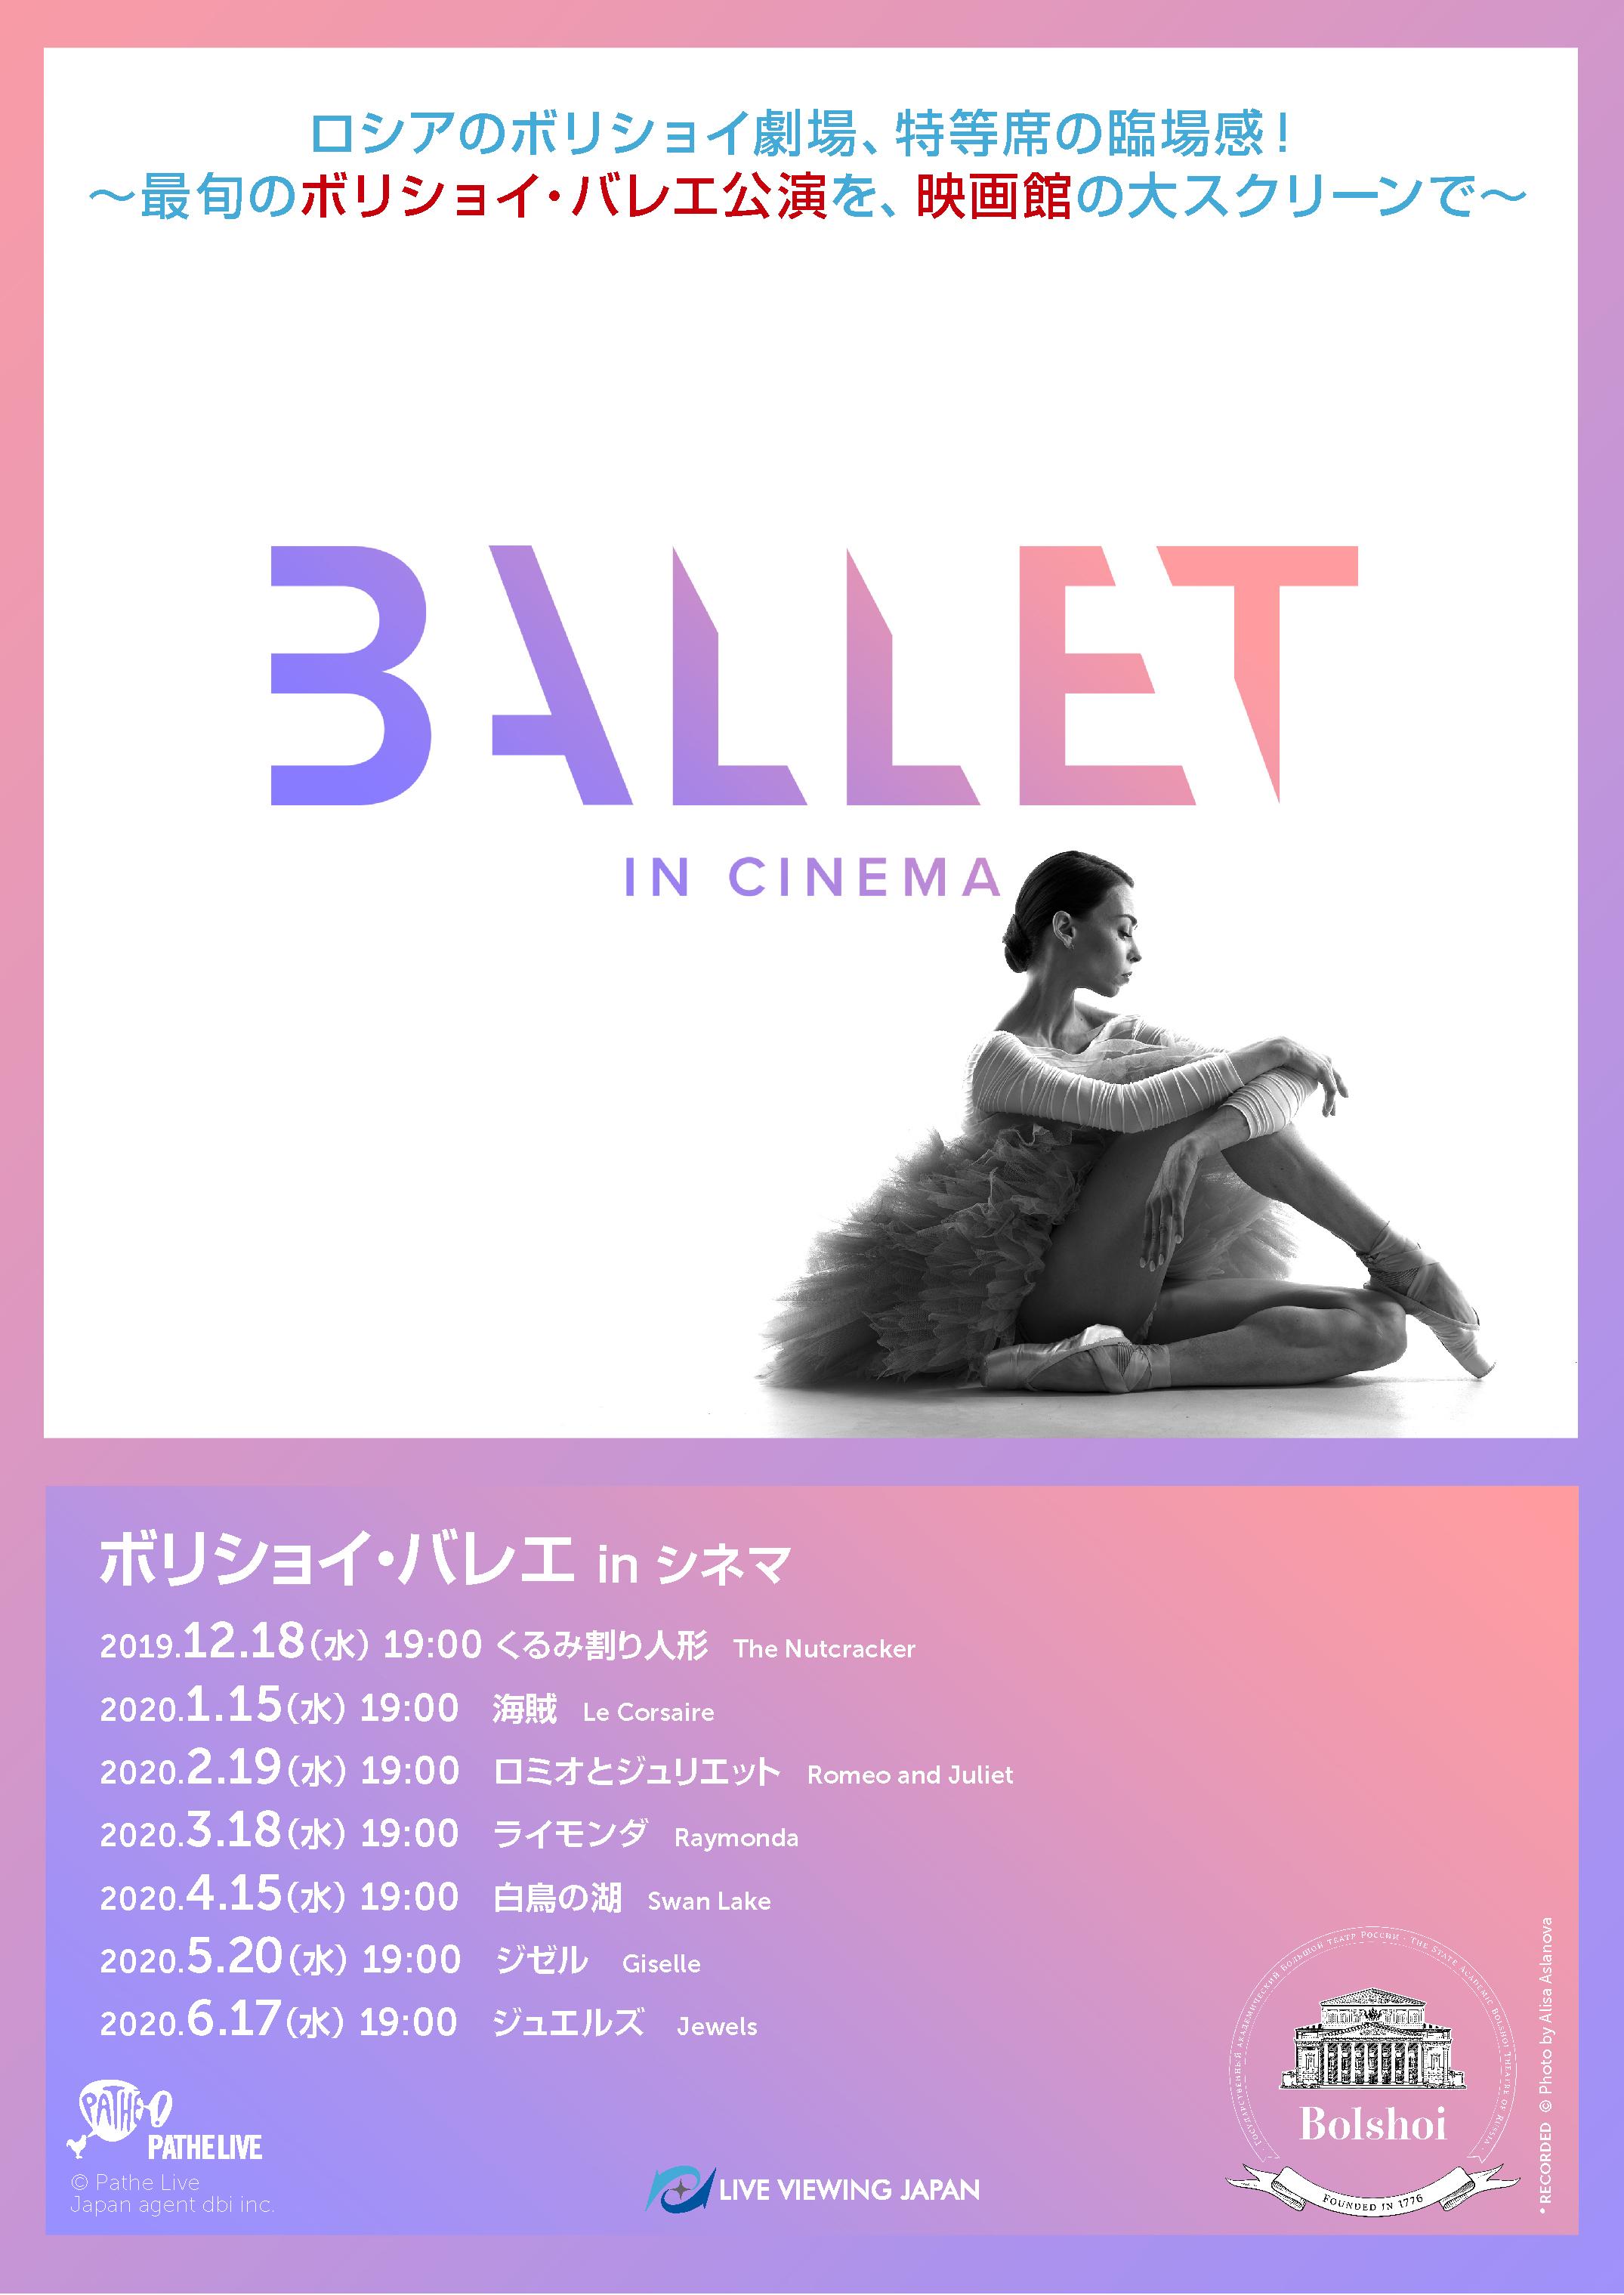 全国映画館で「ボリショイ・バレエ inシネマ Season2019-2020」特別上映!